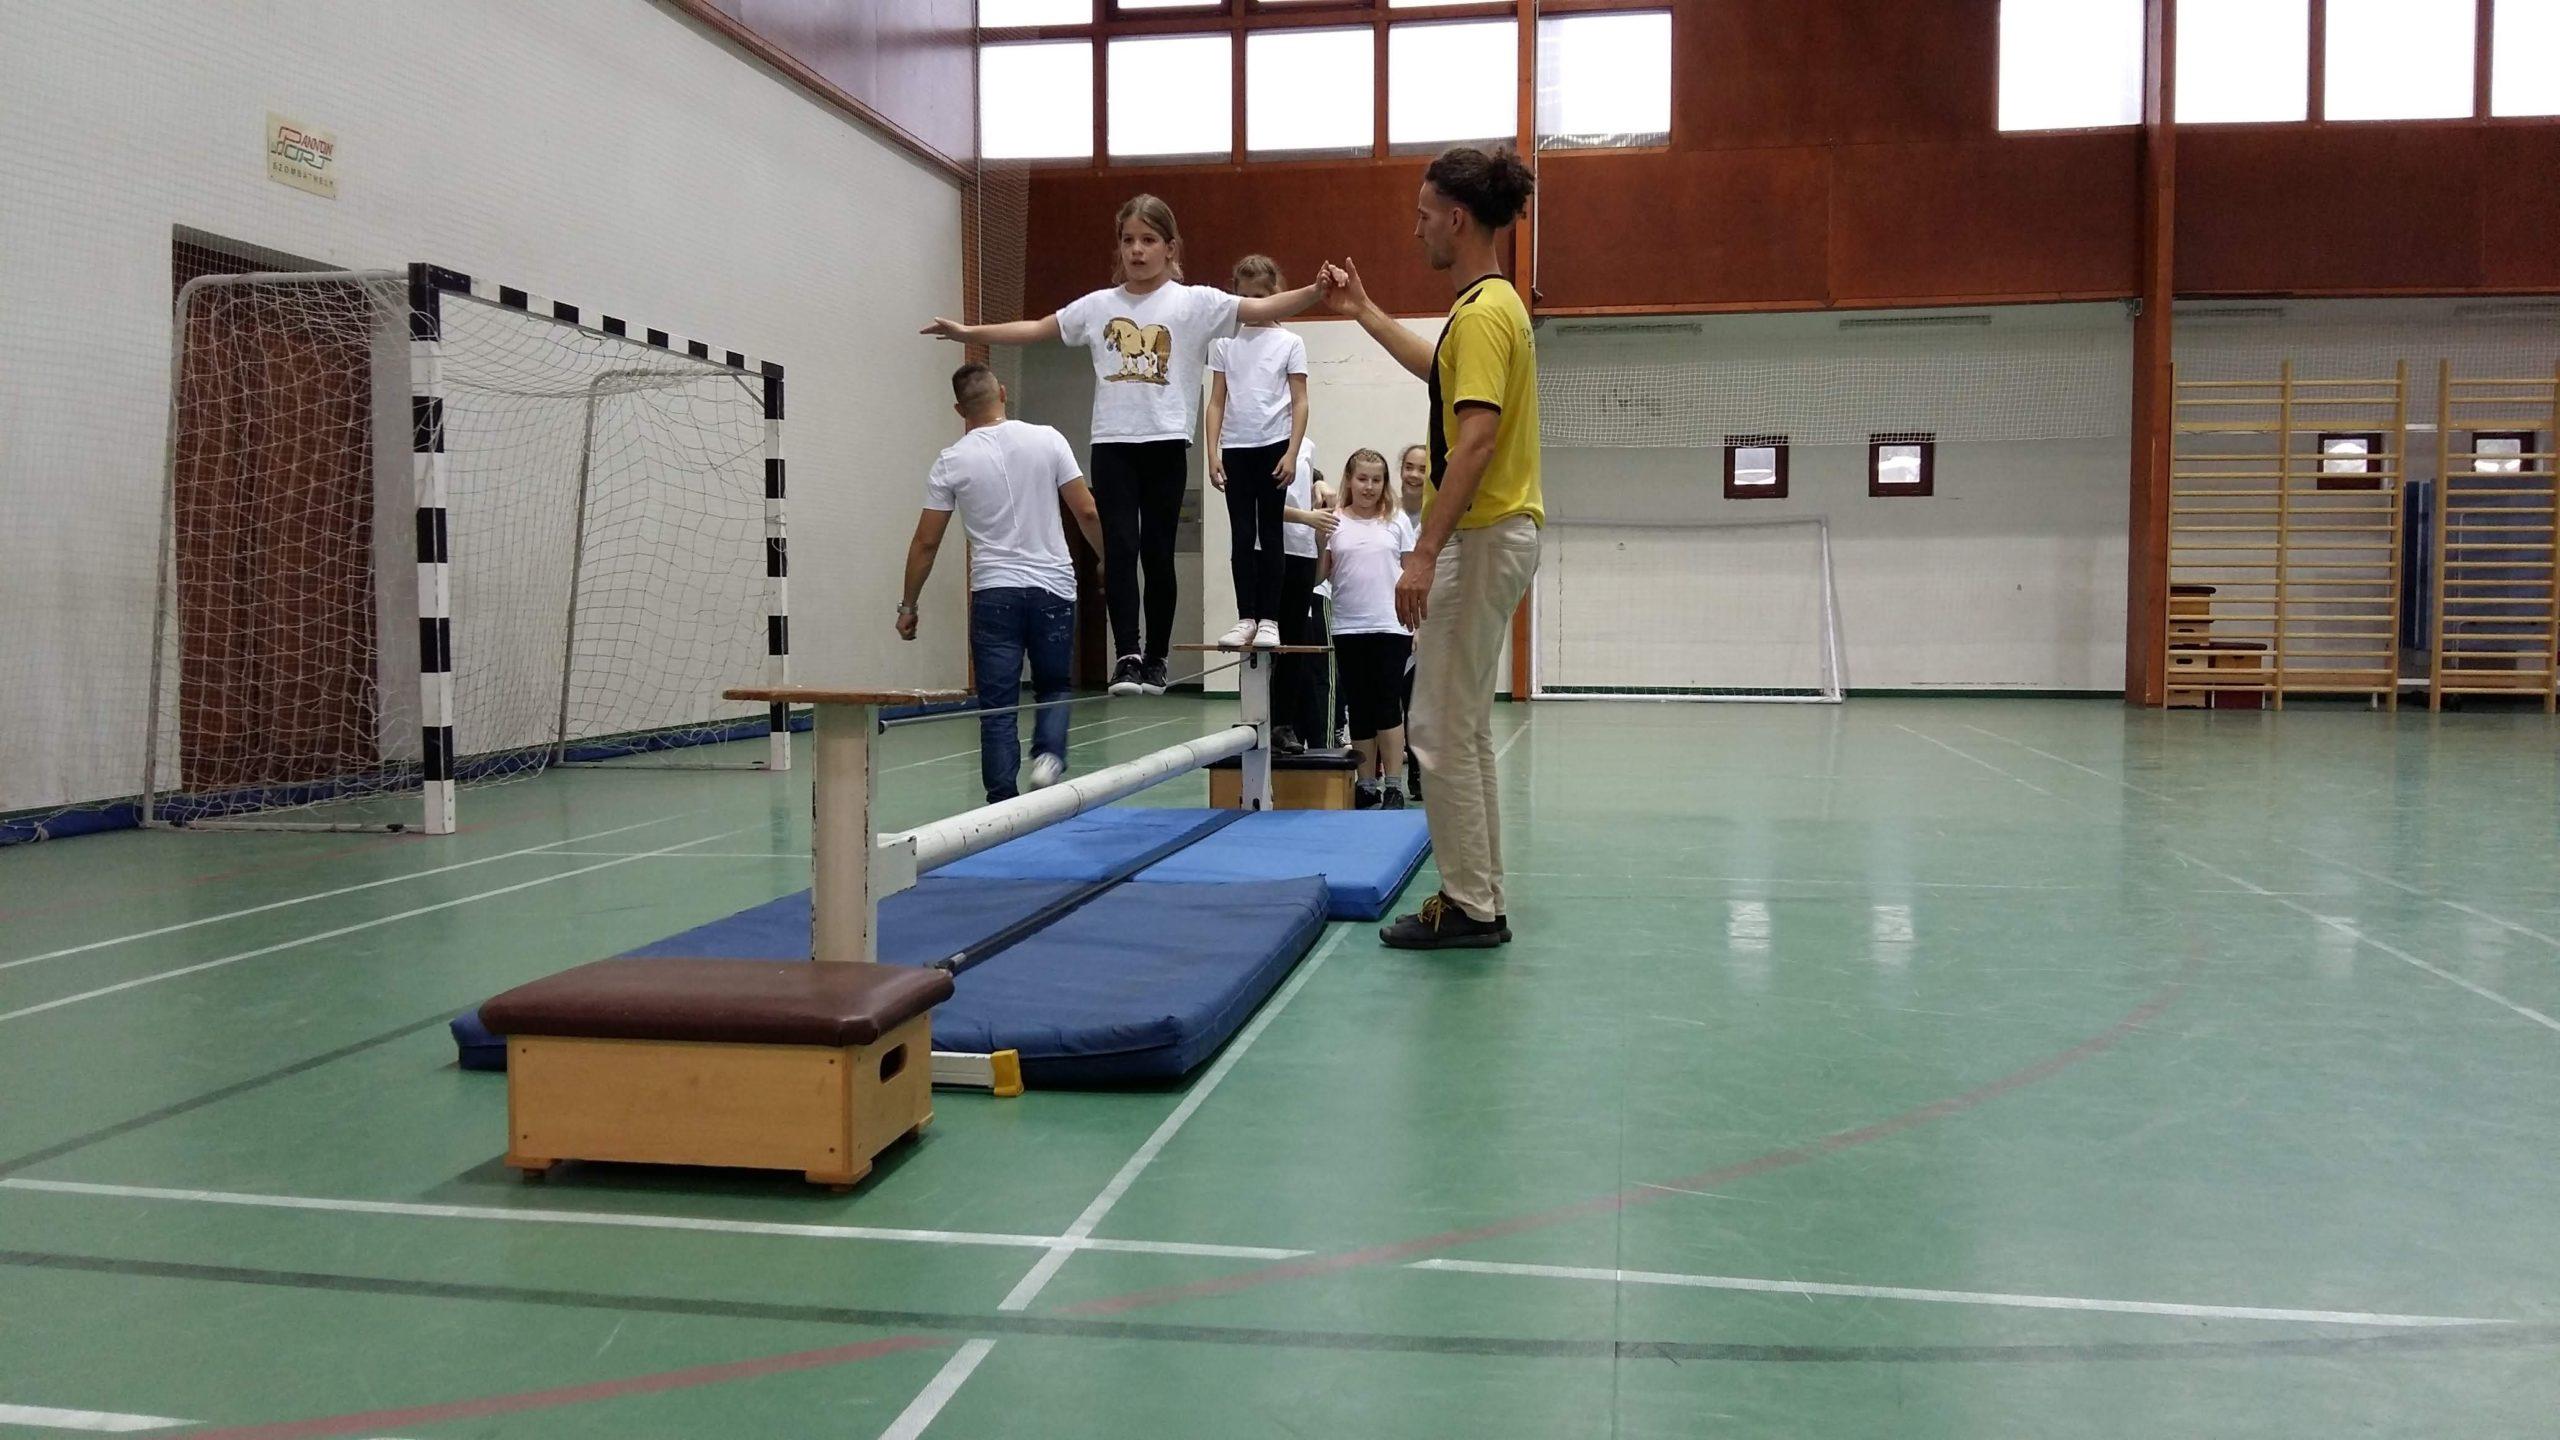 Beszámoló a Tanulj cirkuszt! programról